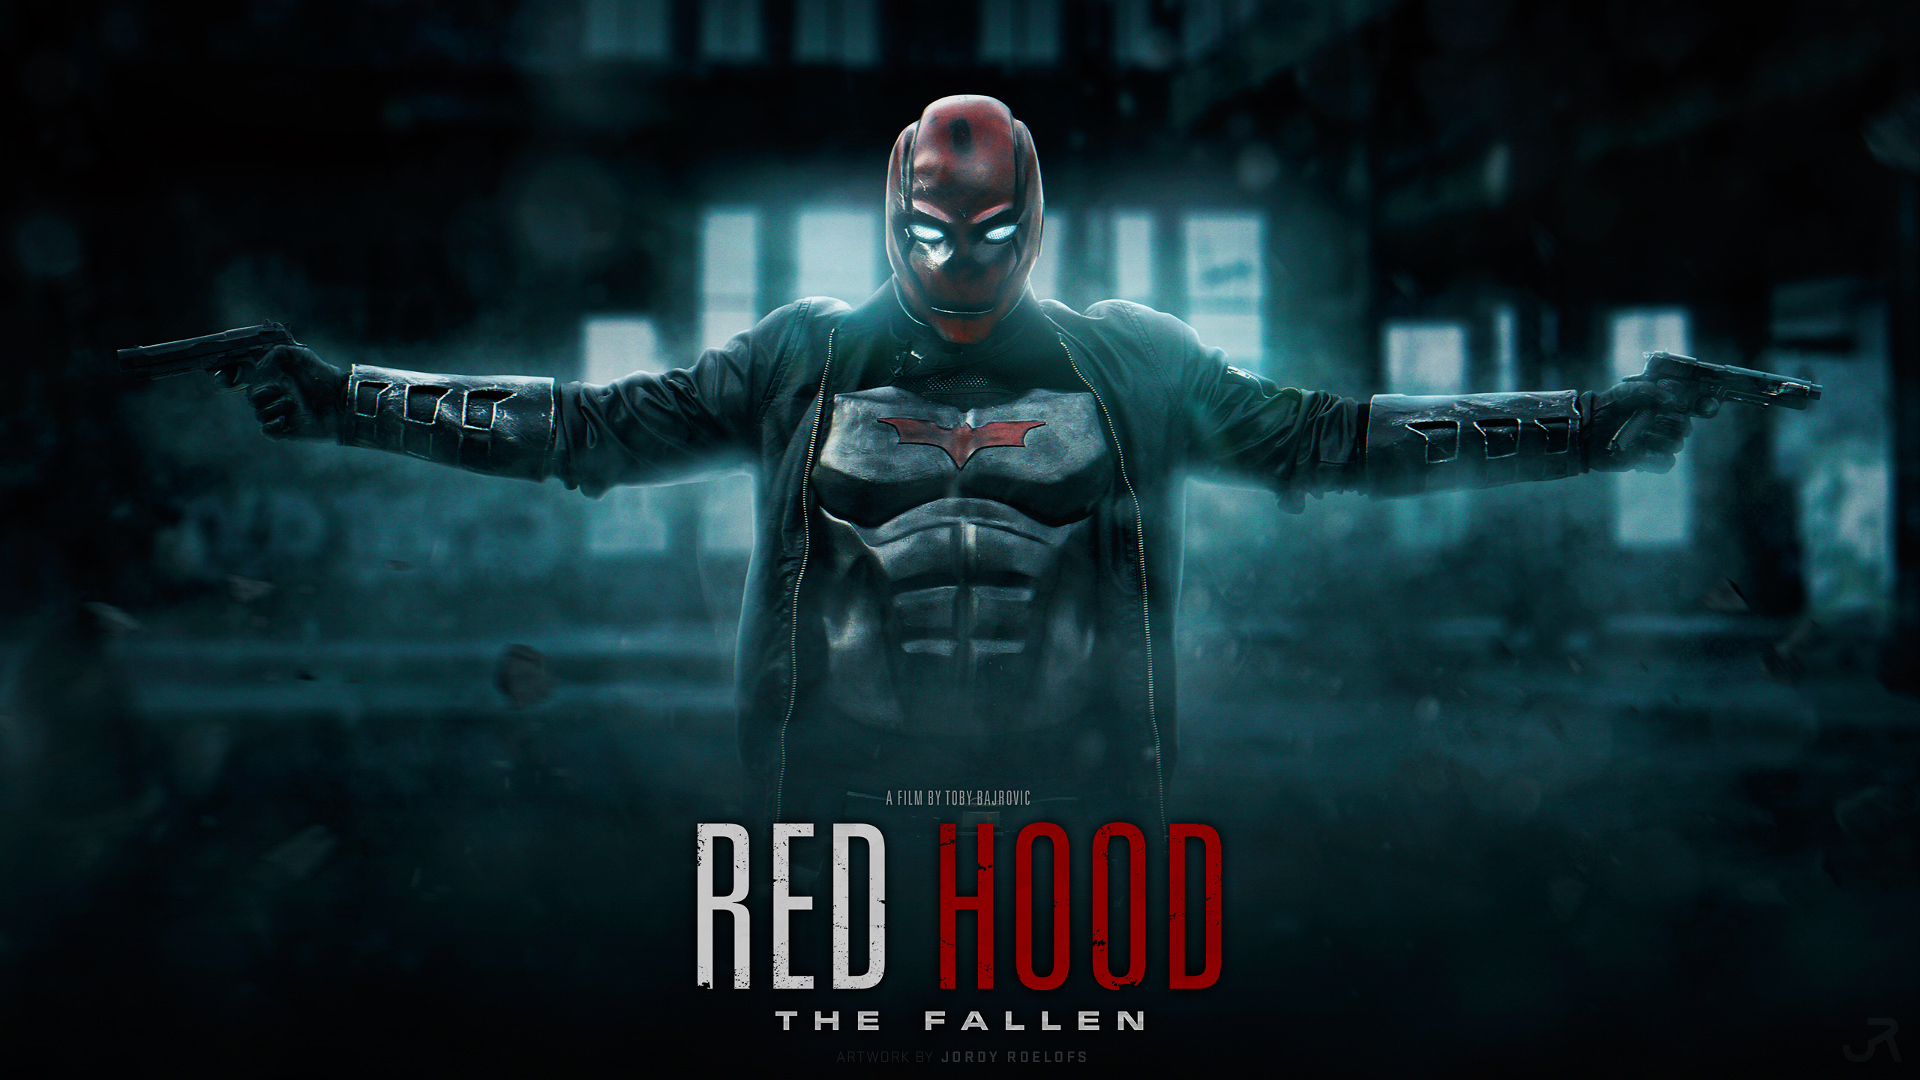 RED HOOD THE FALLEN - Wallpaper 1080P